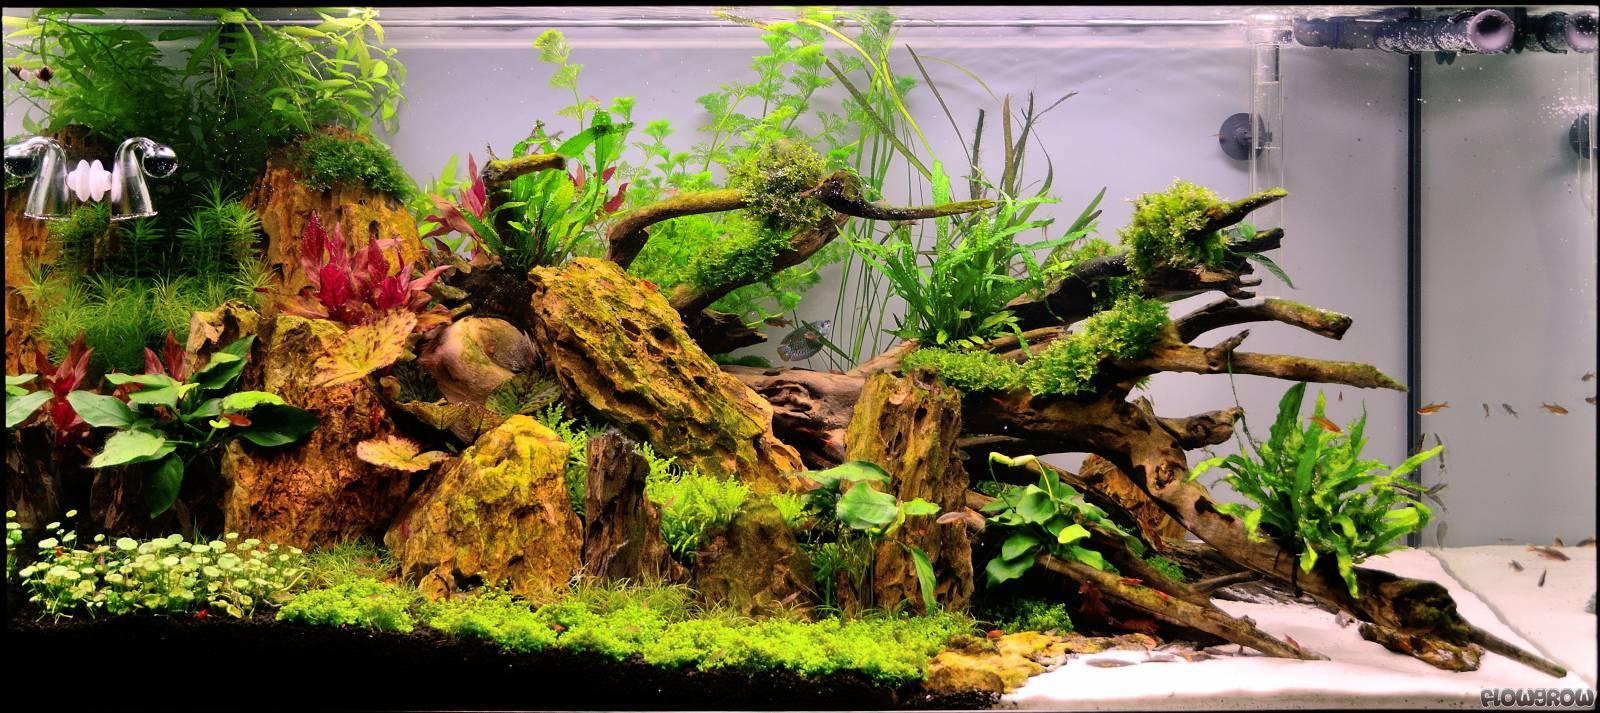 dragon triangle flowgrow aquascape aquarien datenbank. Black Bedroom Furniture Sets. Home Design Ideas